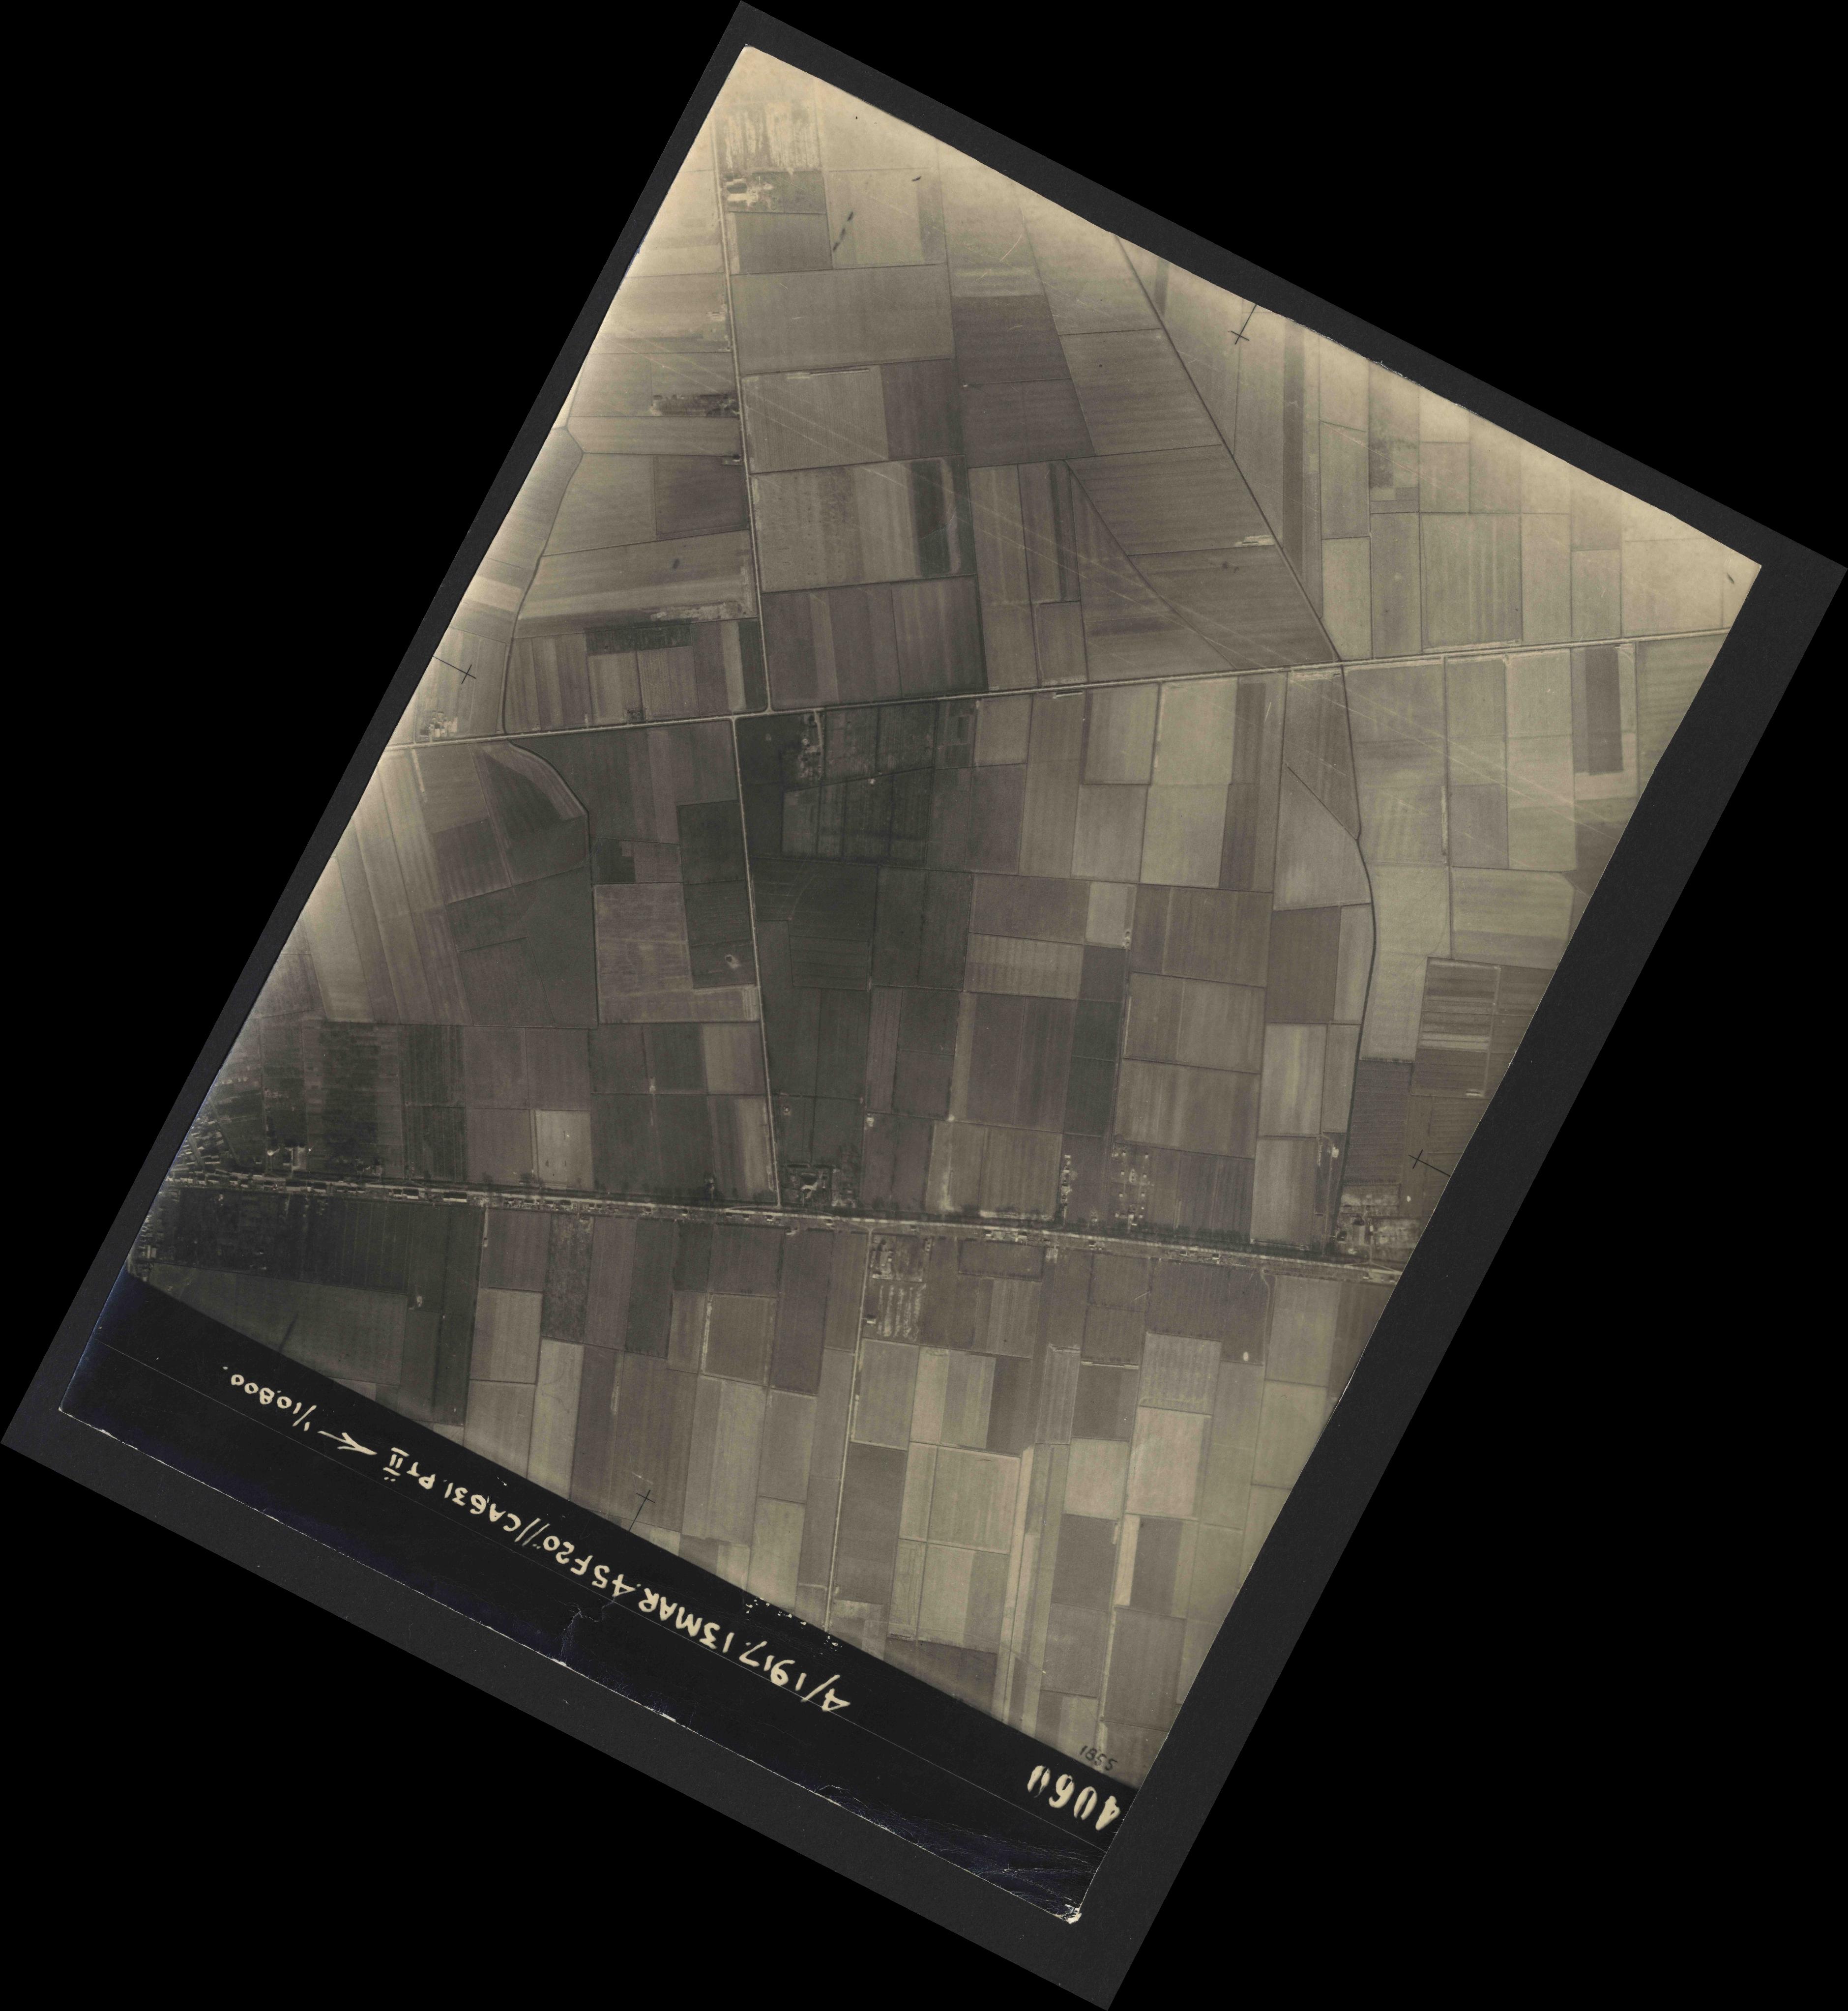 Collection RAF aerial photos 1940-1945 - flight 093, run 07, photo 4060